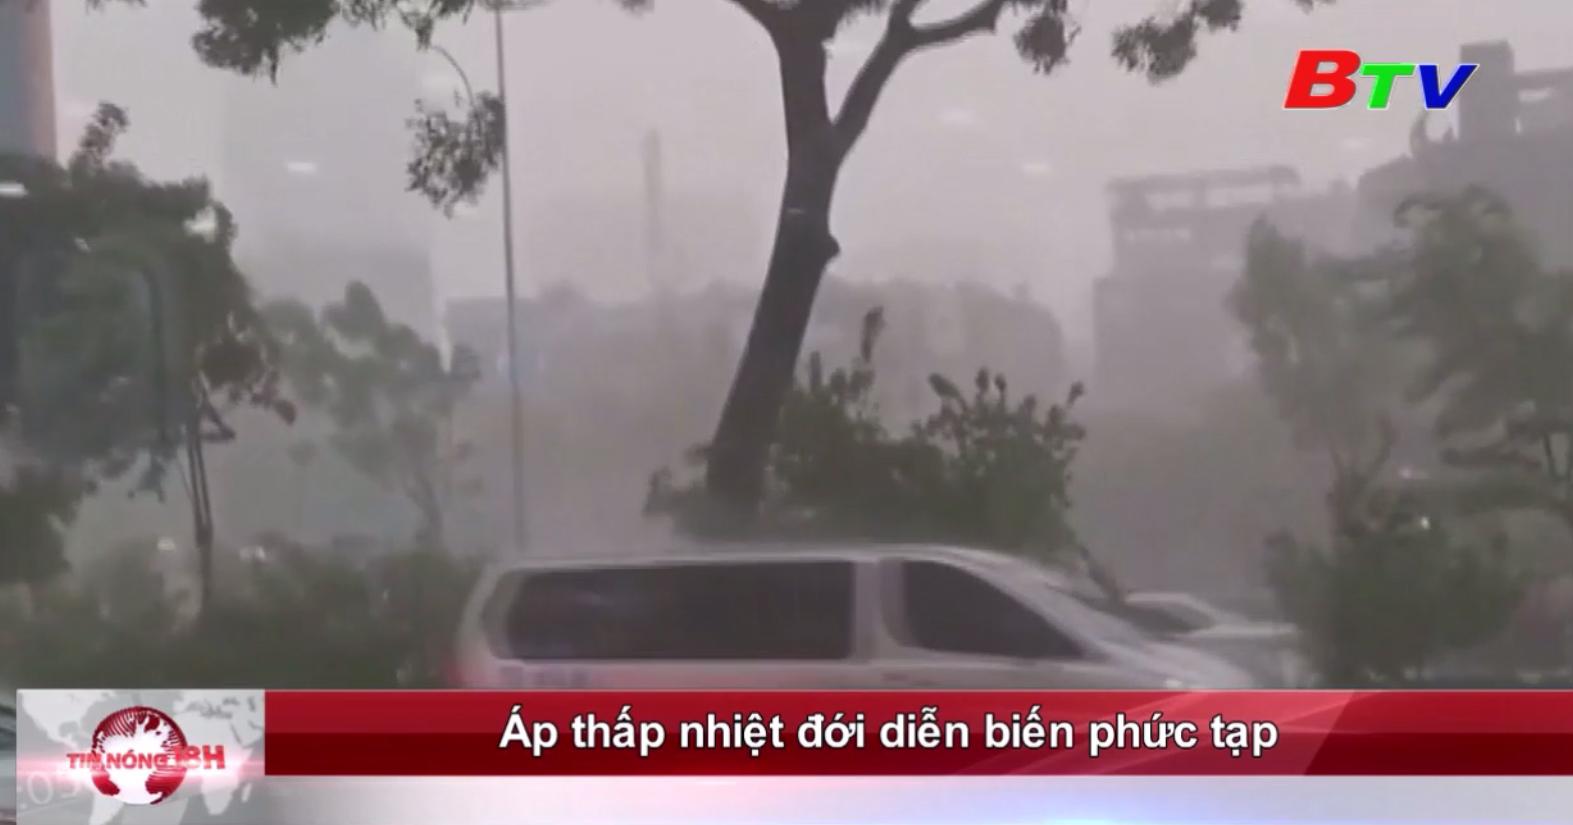 Áp thấp nhiệt đới diễn biến phức tạp